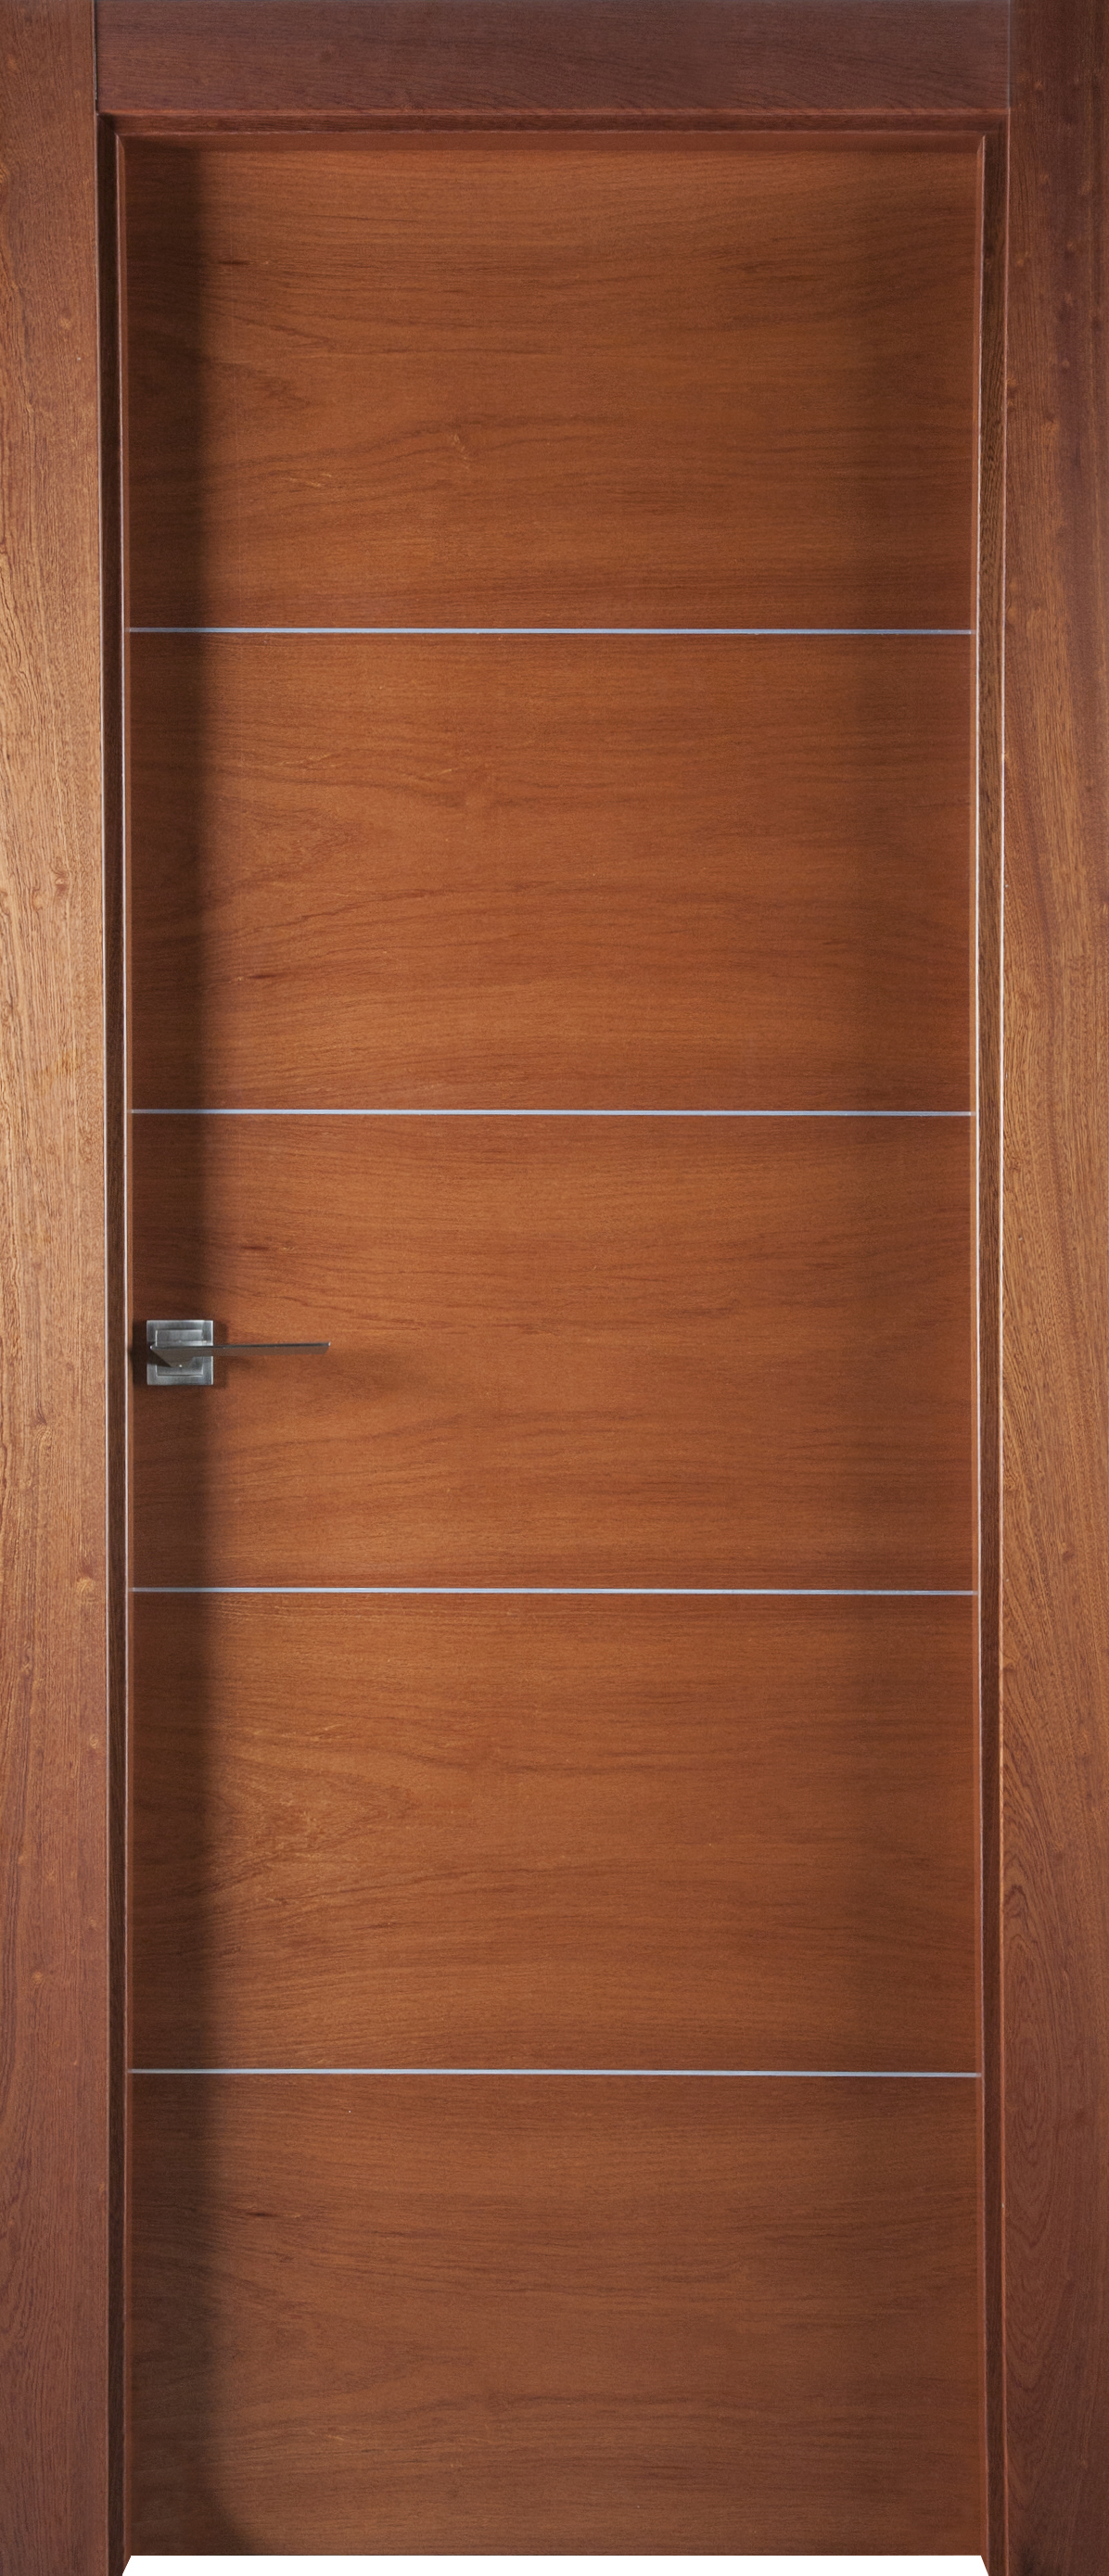 Puerta de madera uniarte vmt5 a bricoteo puertas granada for Madera para puertas